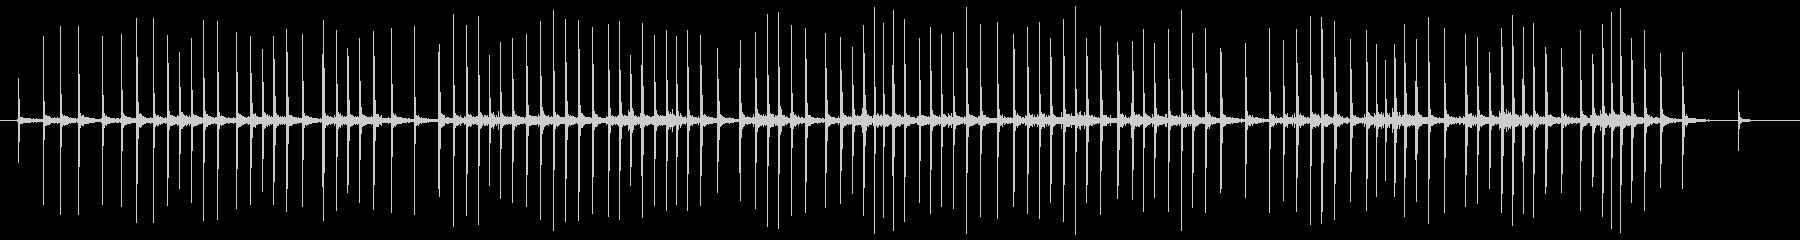 釣りリール-高速の未再生の波形